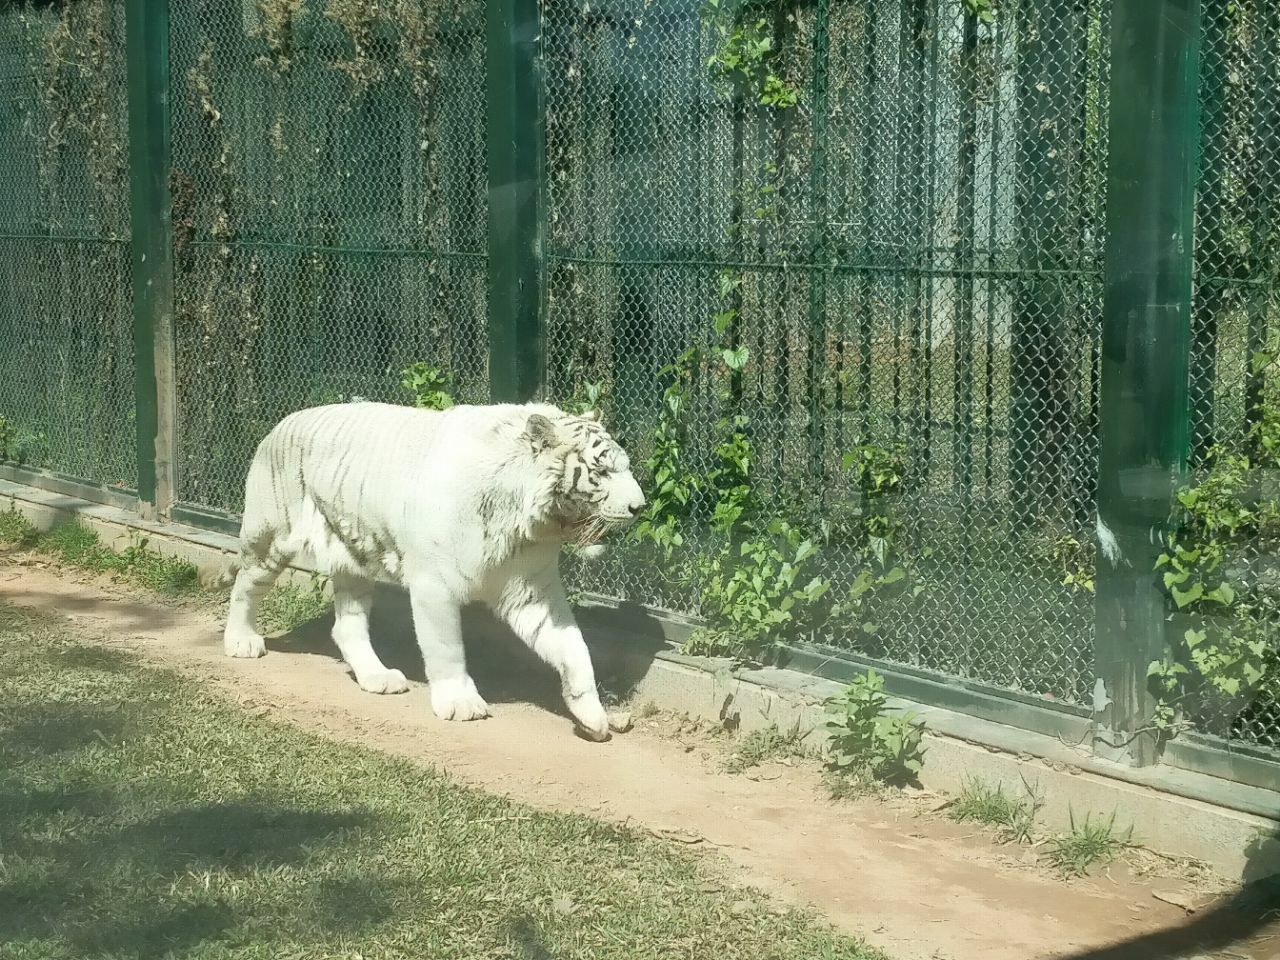 广州动物园(GuangZhou Zoo)位于广州市越秀区,东邻十九路军陵园,南接环市东路,西边云鹤路,北衔先烈中路。有南门和北门两个出入口,两门均设有停车场。于1958年建成开放,占地面积42公顷。2013年接待游客400万人次广州动物园共有选自全国和世界各地的哺乳类、爬虫类、鸟类和鱼类等动物 450余种(2013年),4500多头(只),其中不少属于世界珍禽异兽。属于国家一类重点保护动物有大熊猫、金丝猴、黑颈鹤等35种,属于国家二类重点保护动物的有小熊猫、白枕鹤等32种。